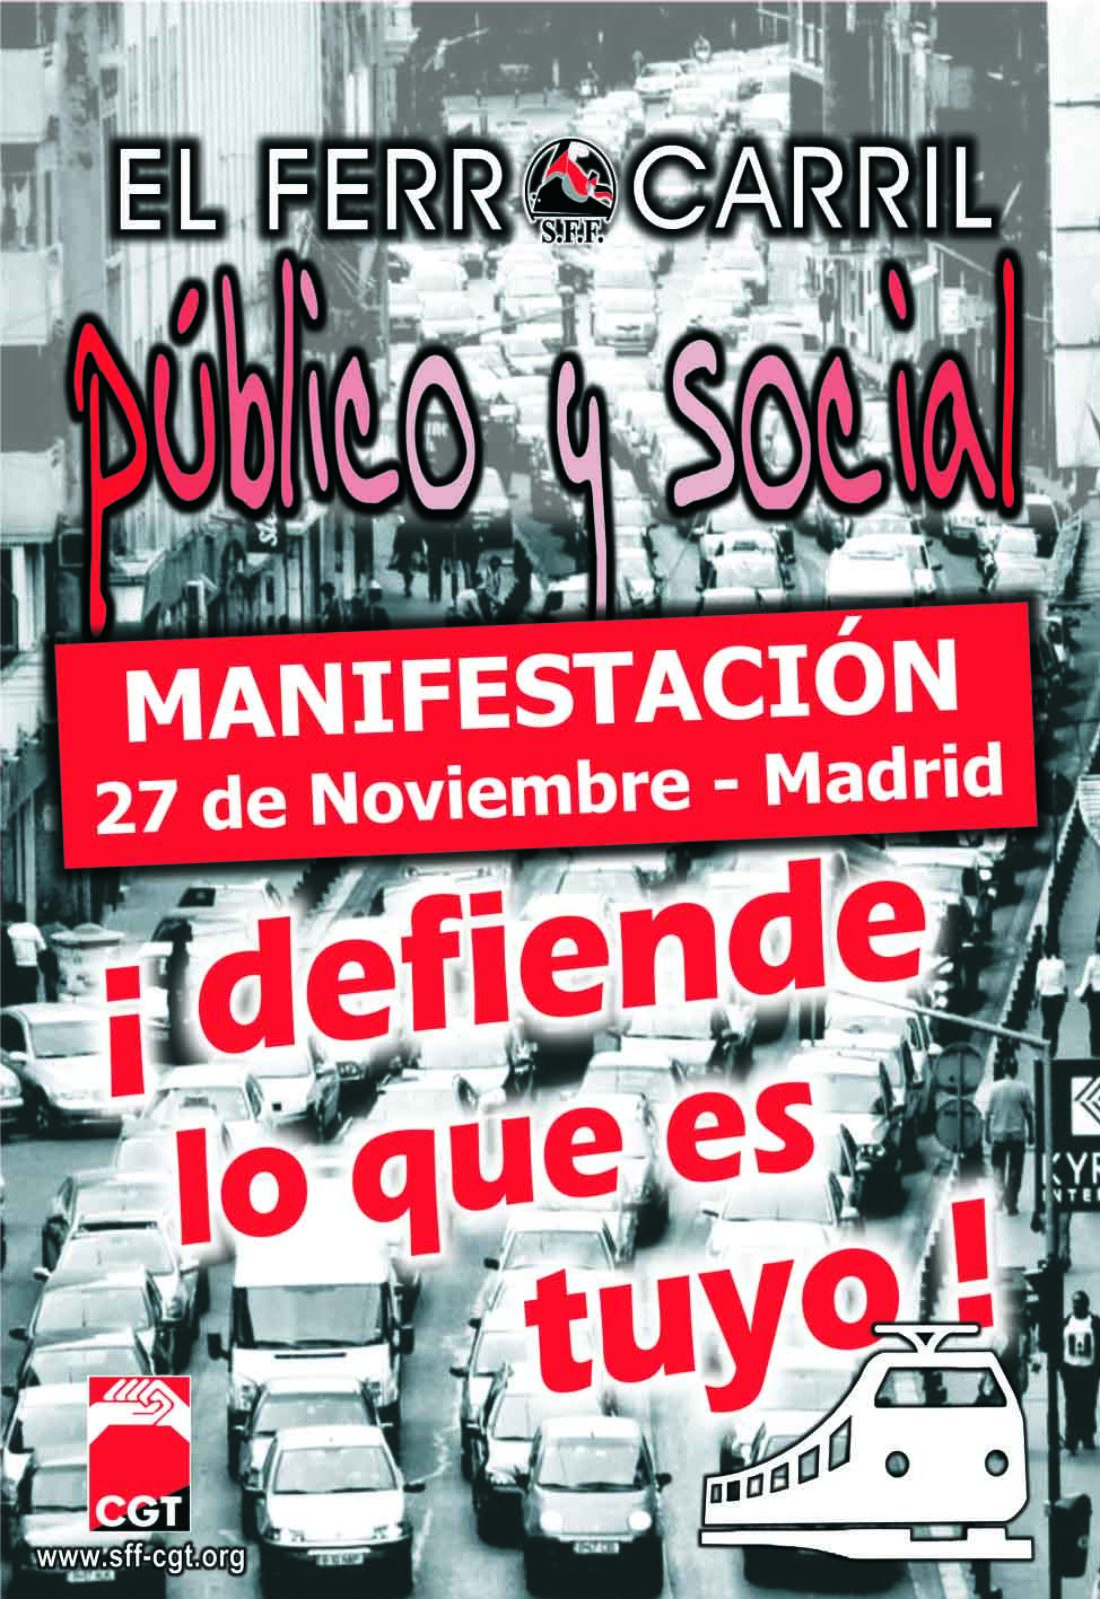 Madrid, 27 de noviembre: Manifestación en defensa de un ferrocarril público, social y seguro.